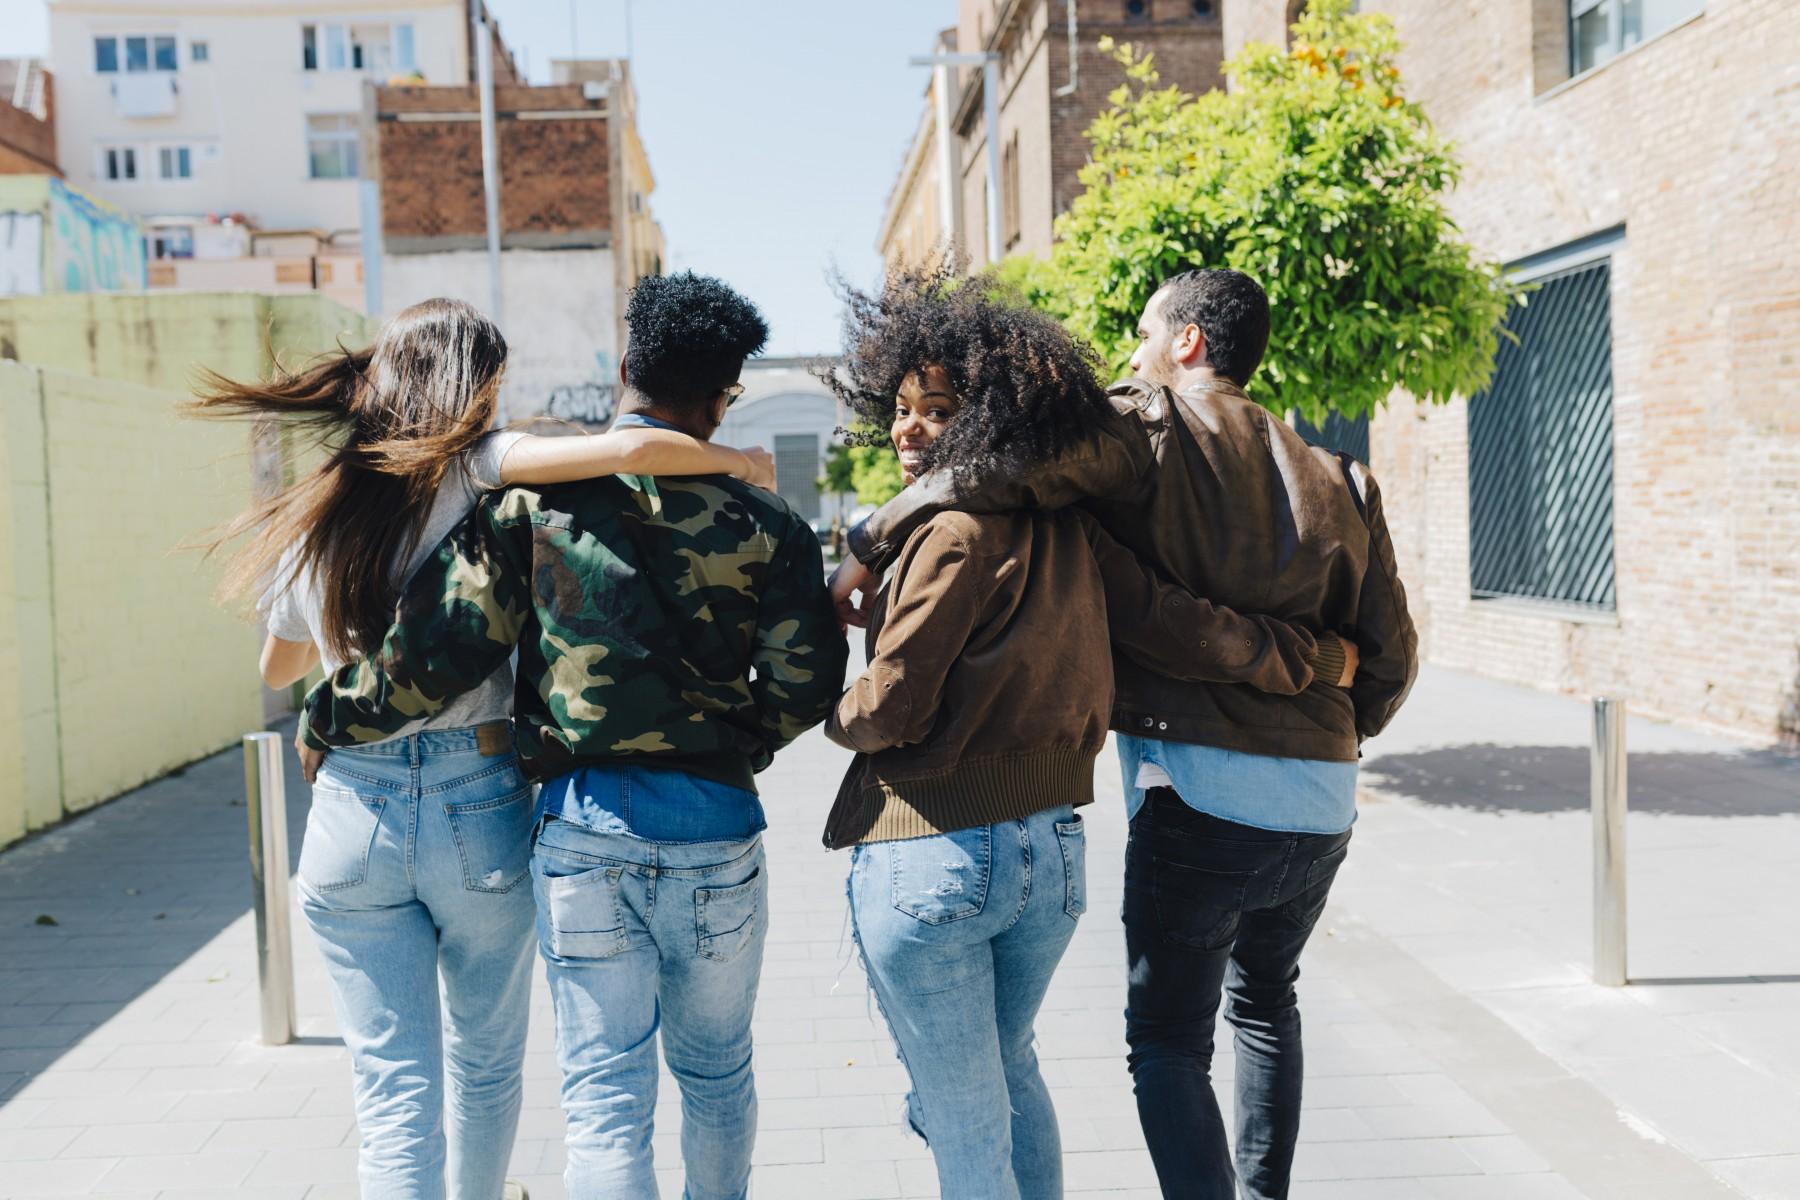 Αποτέλεσμα εικόνας για The best destinations for Millennials for 2019